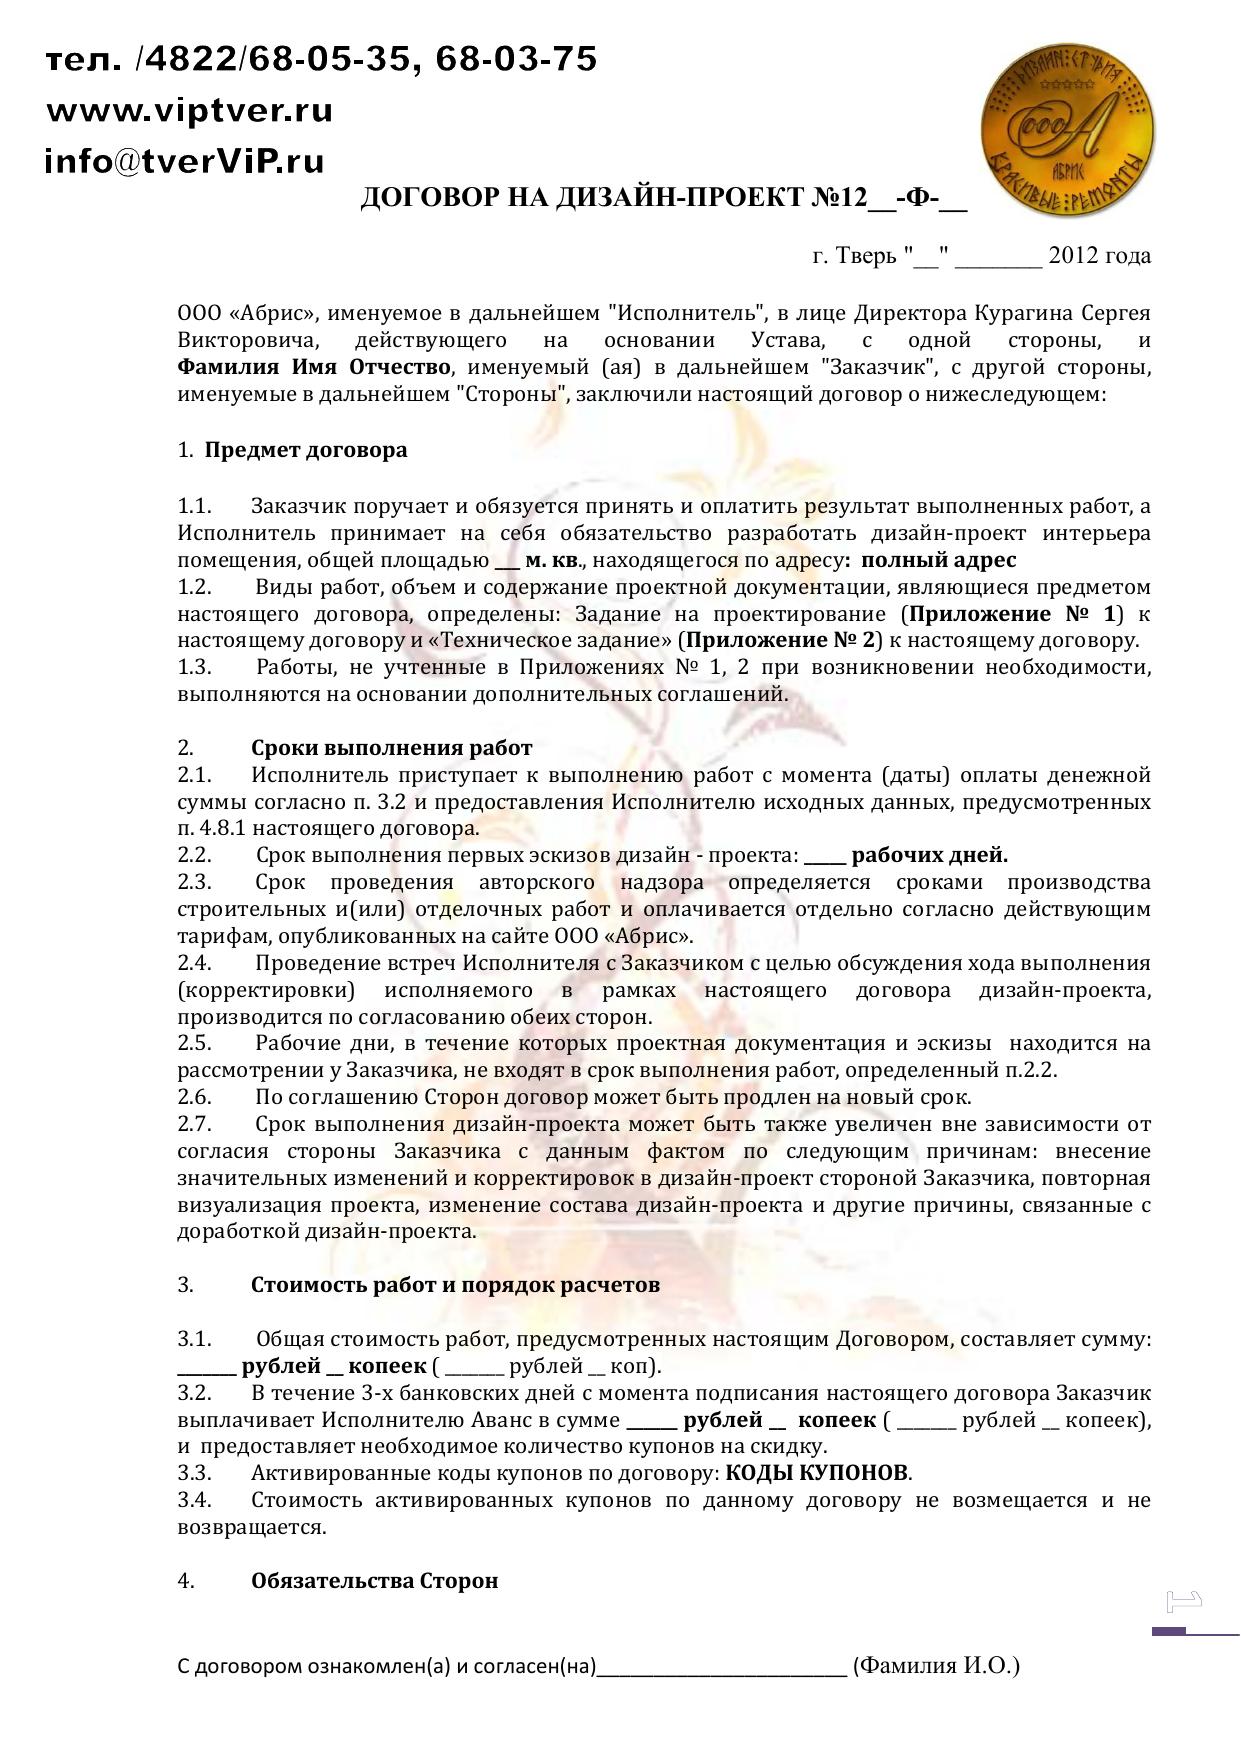 Авторский надзор договор на дизайн